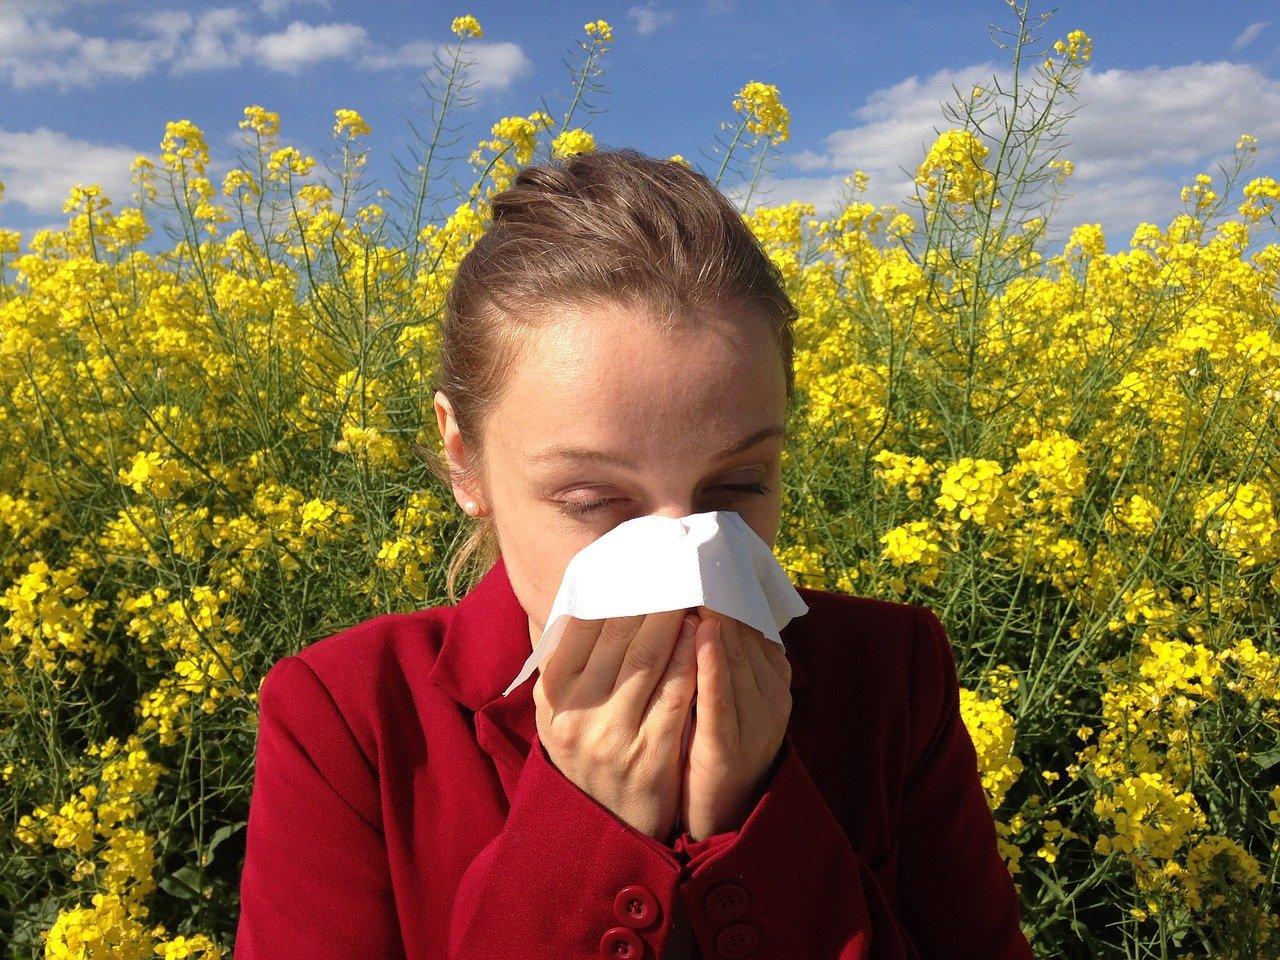 5_conseils_de_survie_pour_la_saison_des_allergies_de_printemps